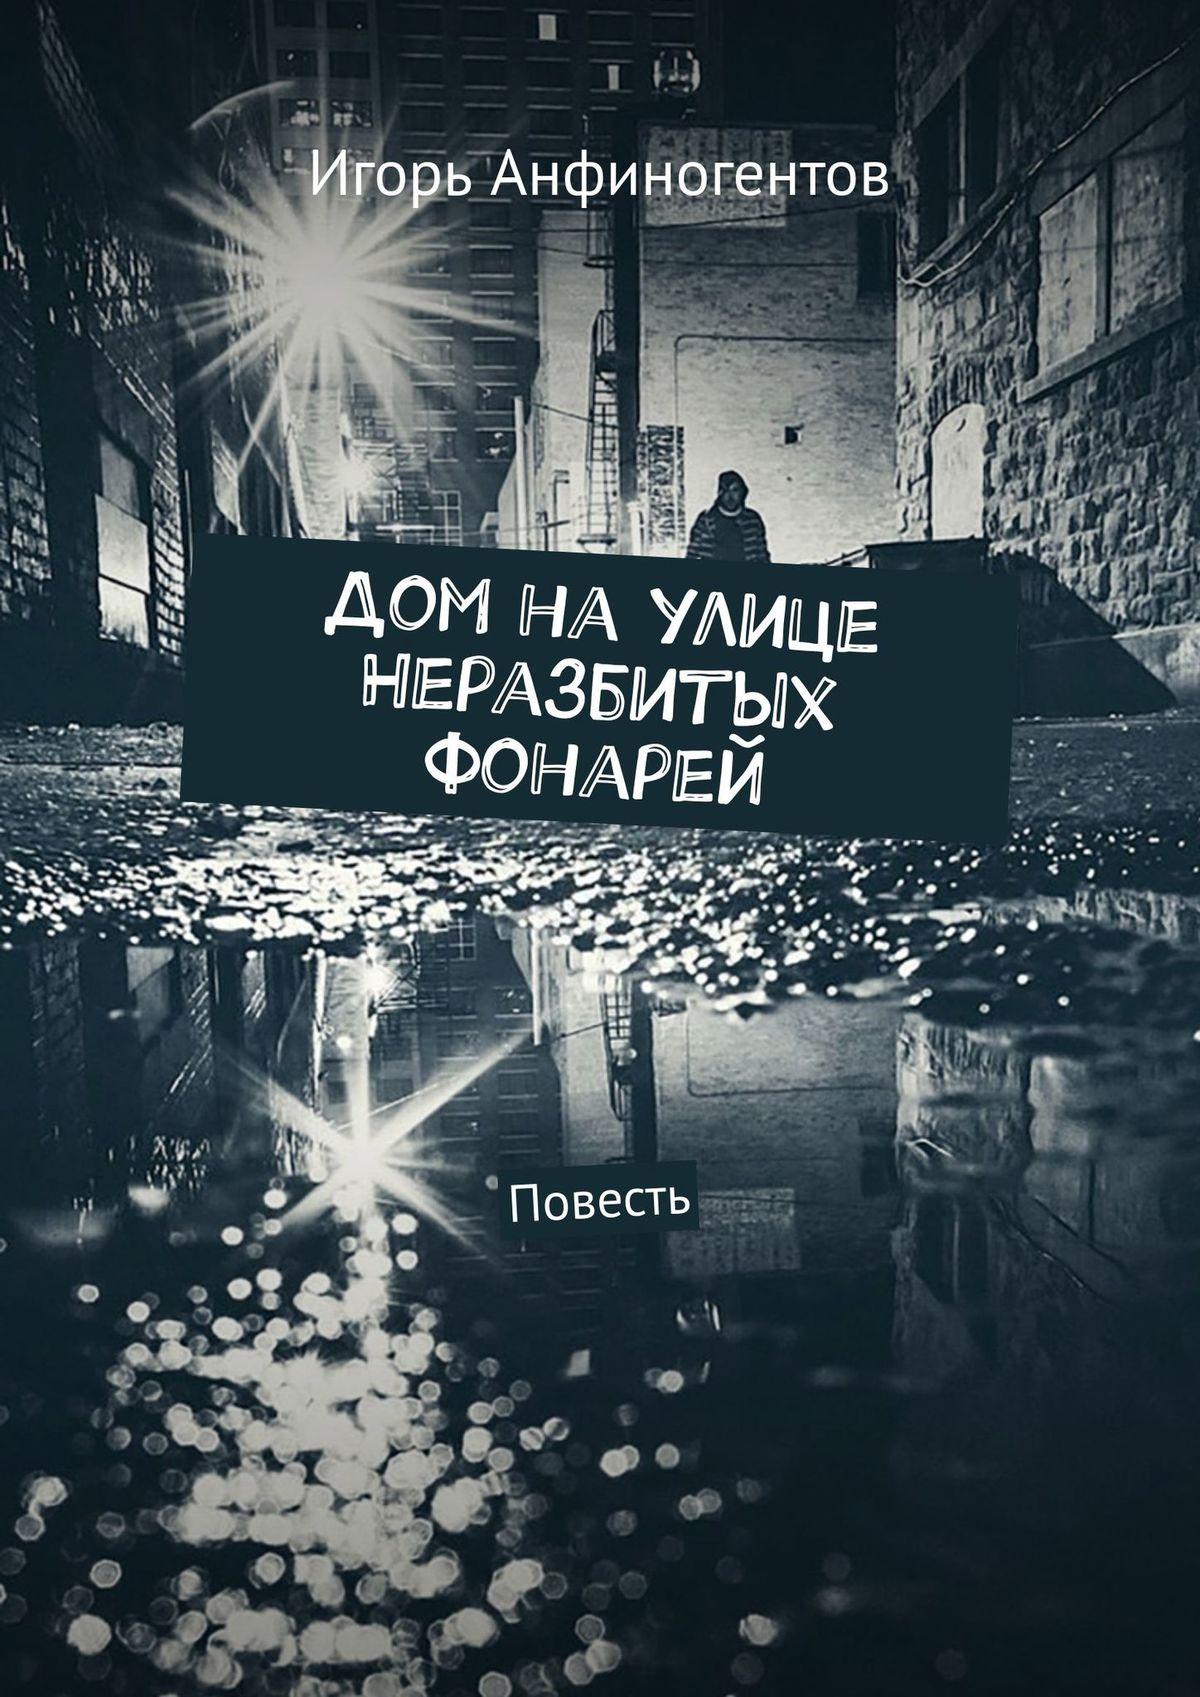 Игорь Владимирович Анфиногентов Дом наулице Неразбитых фонарей. Почти автобиографическая повесть парка 6 14 лет